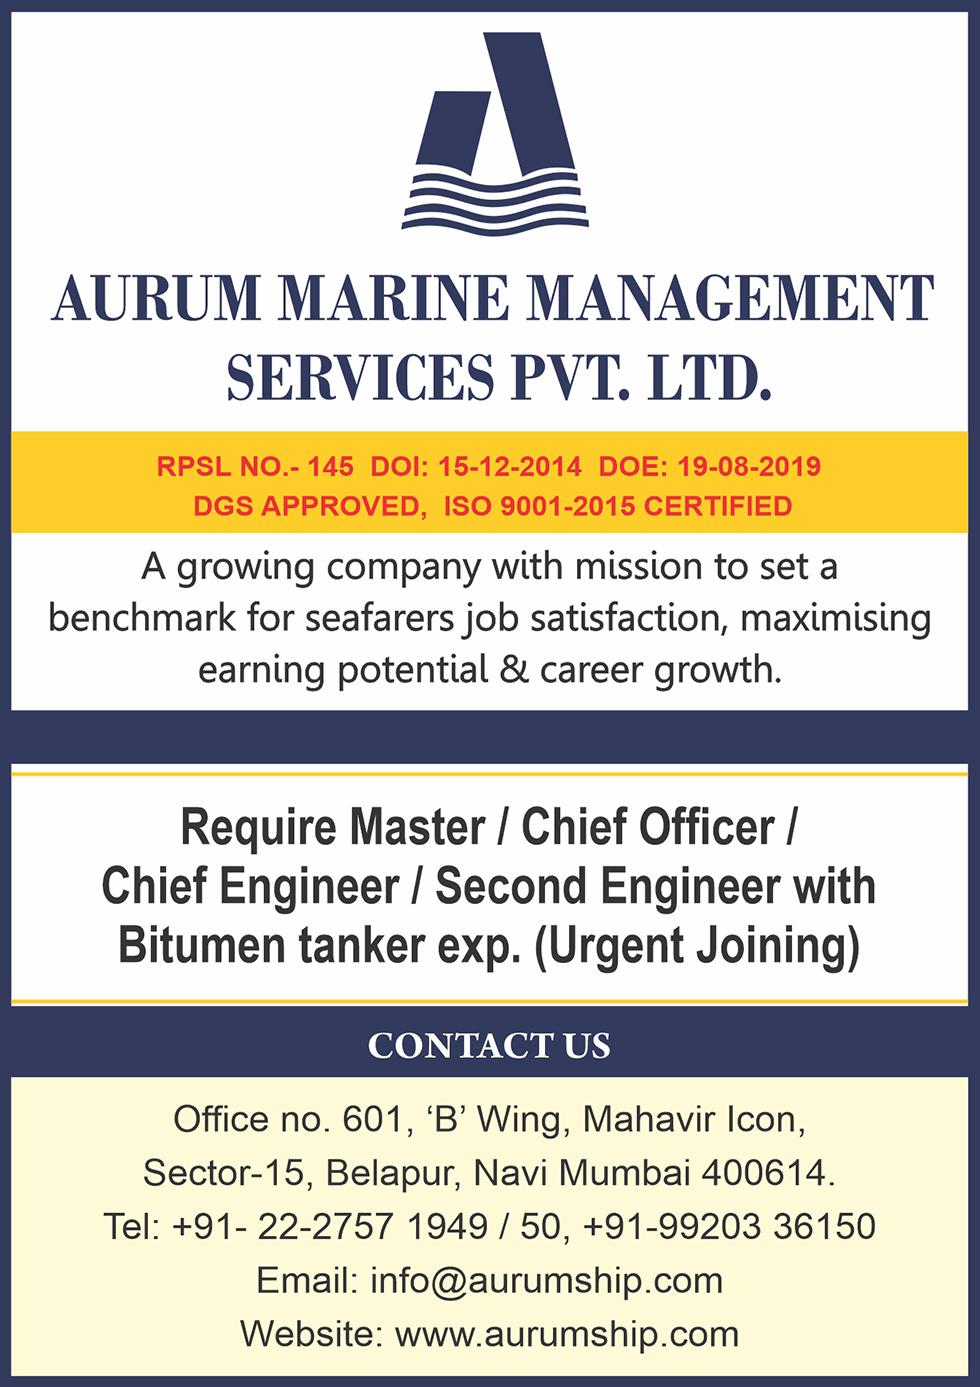 Aurum Marine Management Services Pvt Ltd